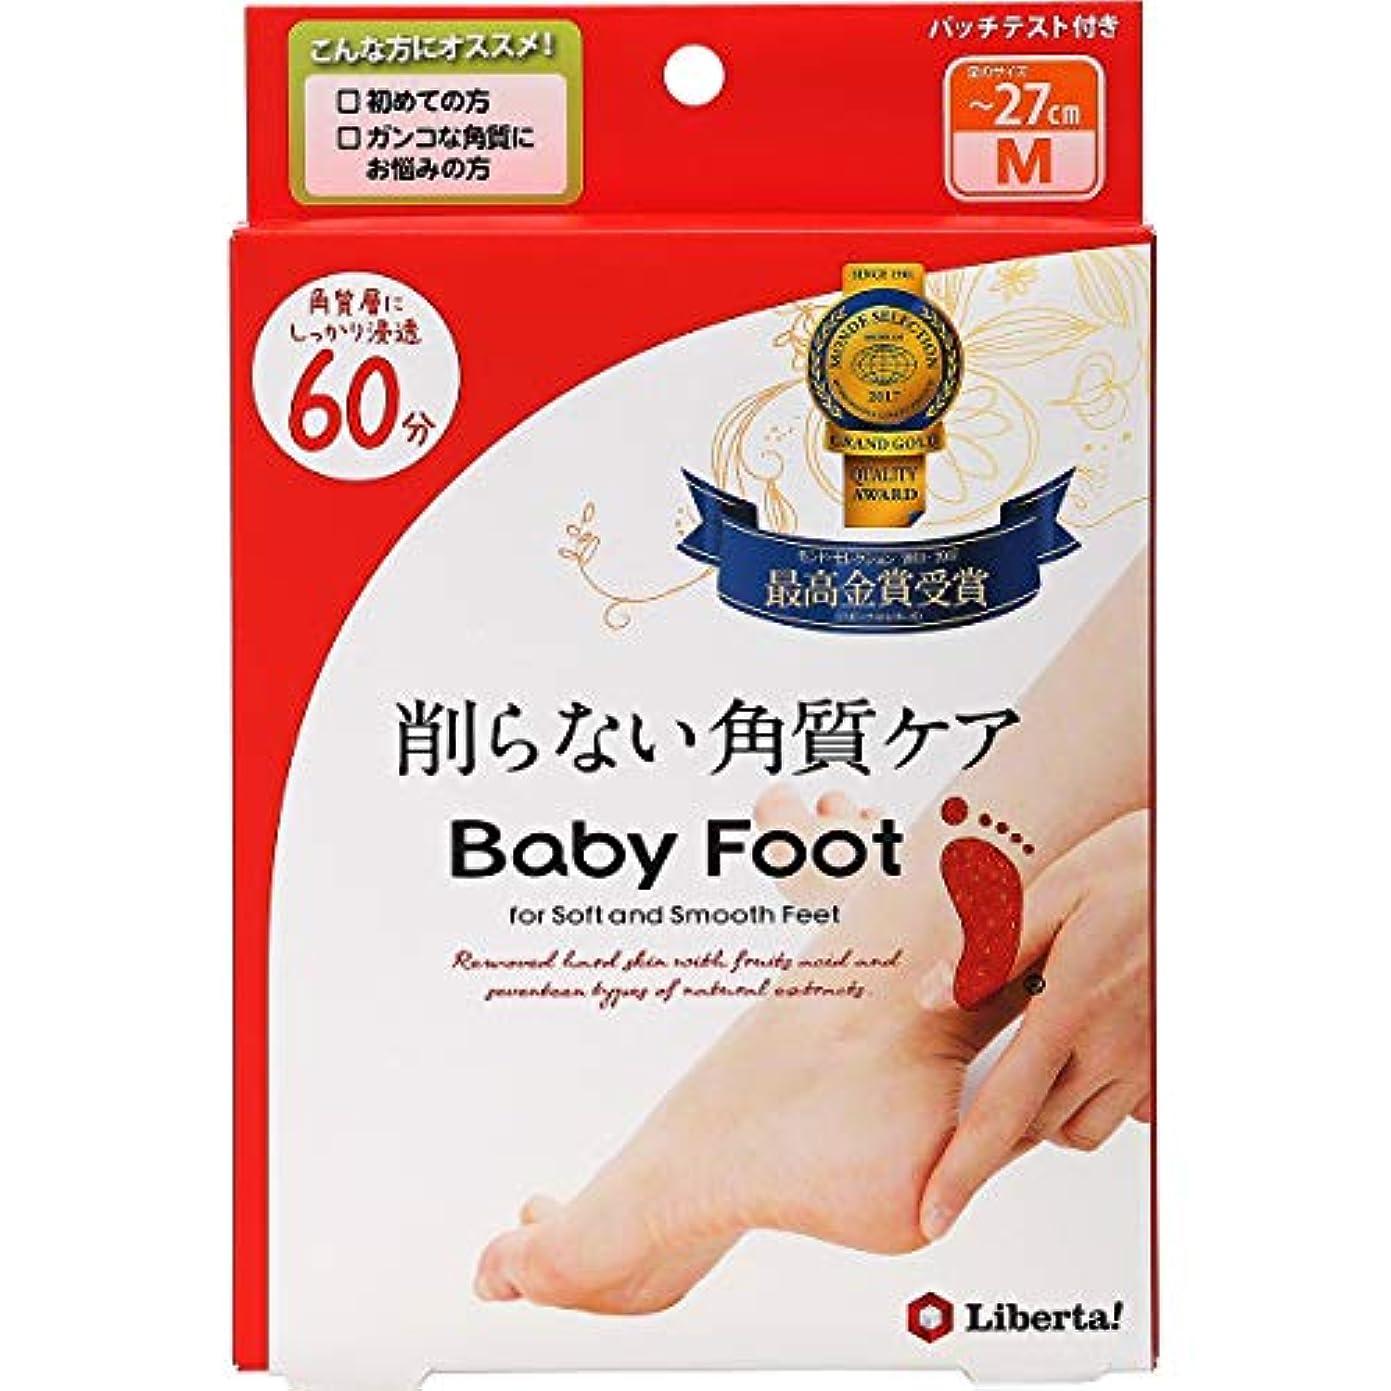 雄大な秘書防腐剤ベビーフット (Baby Foot) ベビーフット イージーパック SPT60分タイプ Mサイズ 単品